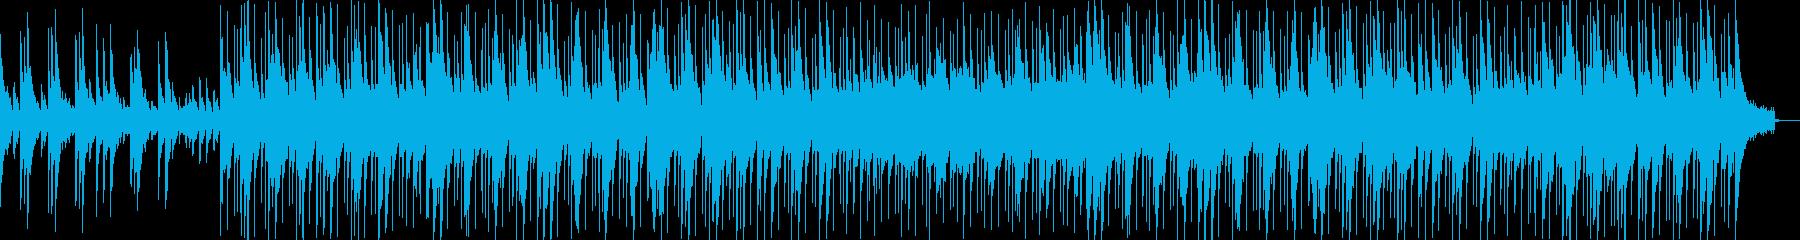 卒業をイメージしたピアノバラード曲の再生済みの波形